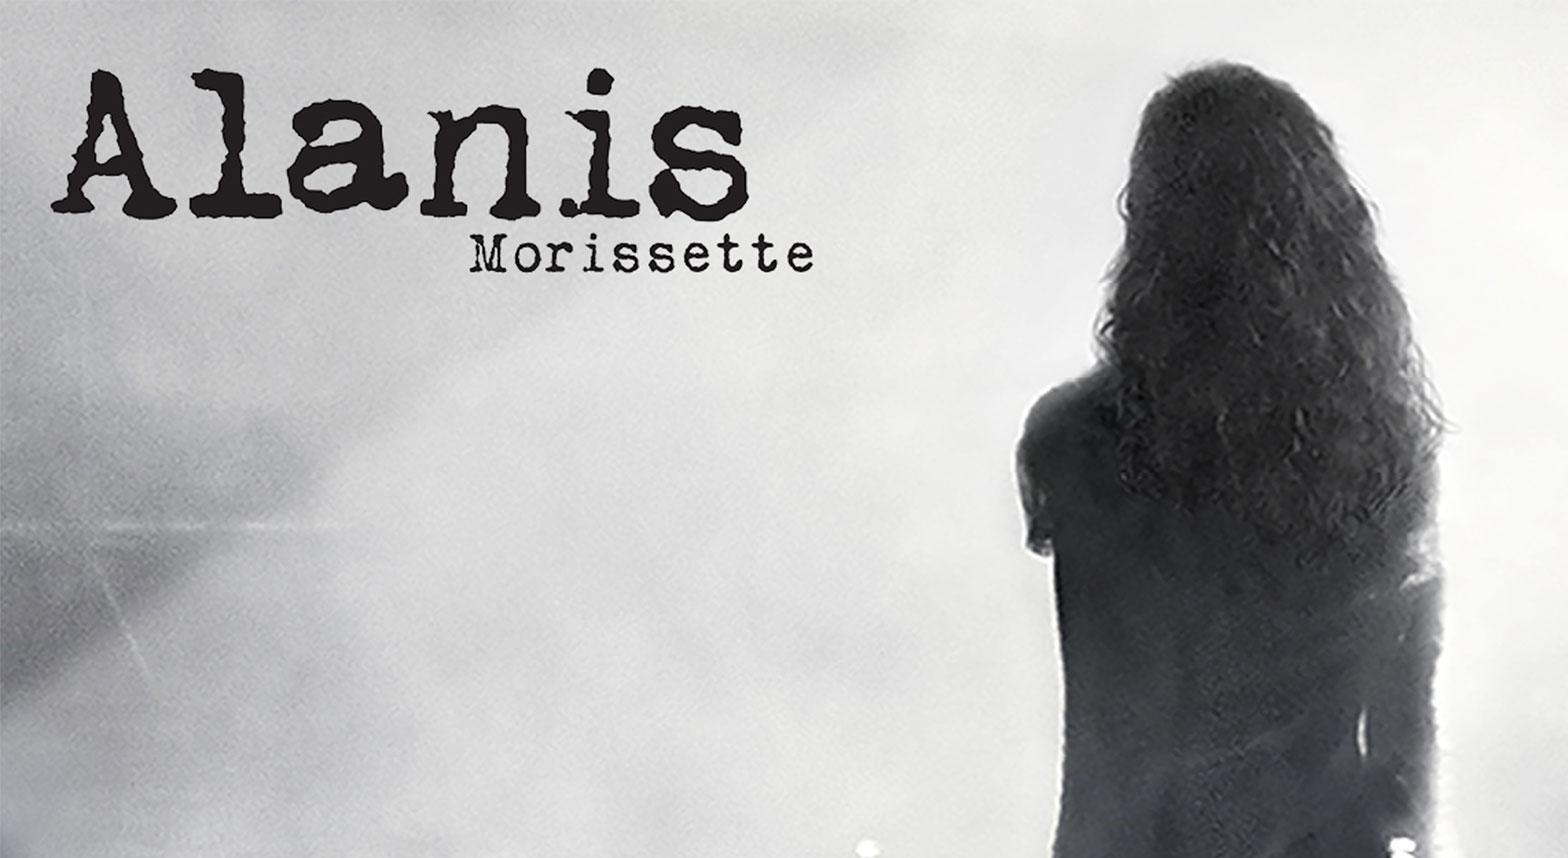 alanis-morissette-arenas.jpg